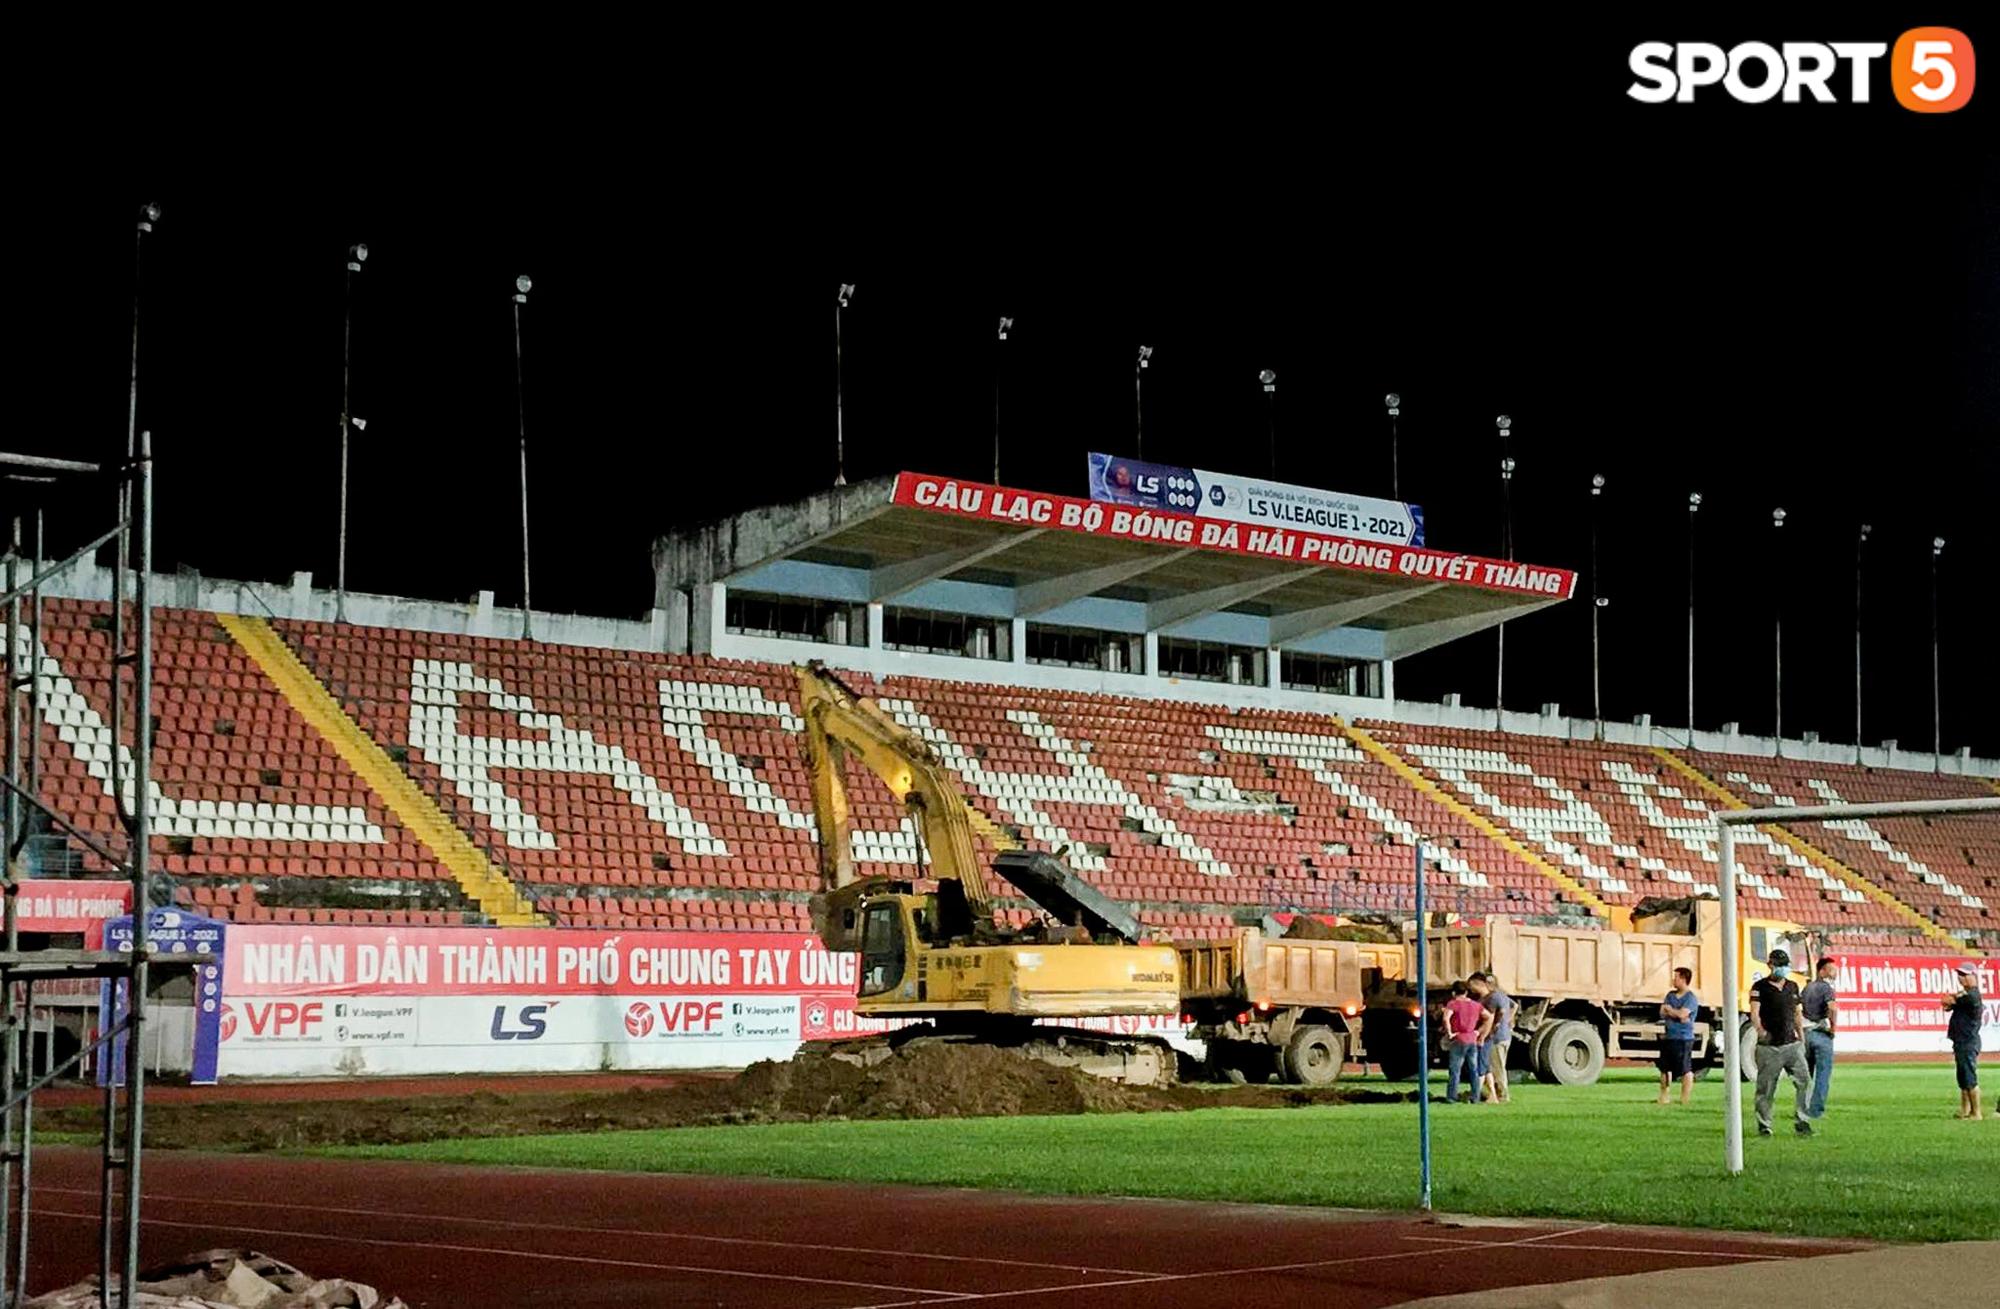 Vì sao tuyển Việt Nam khó về sân Lạch Tray đá vòng loại World Cup 2022? - Ảnh 1.